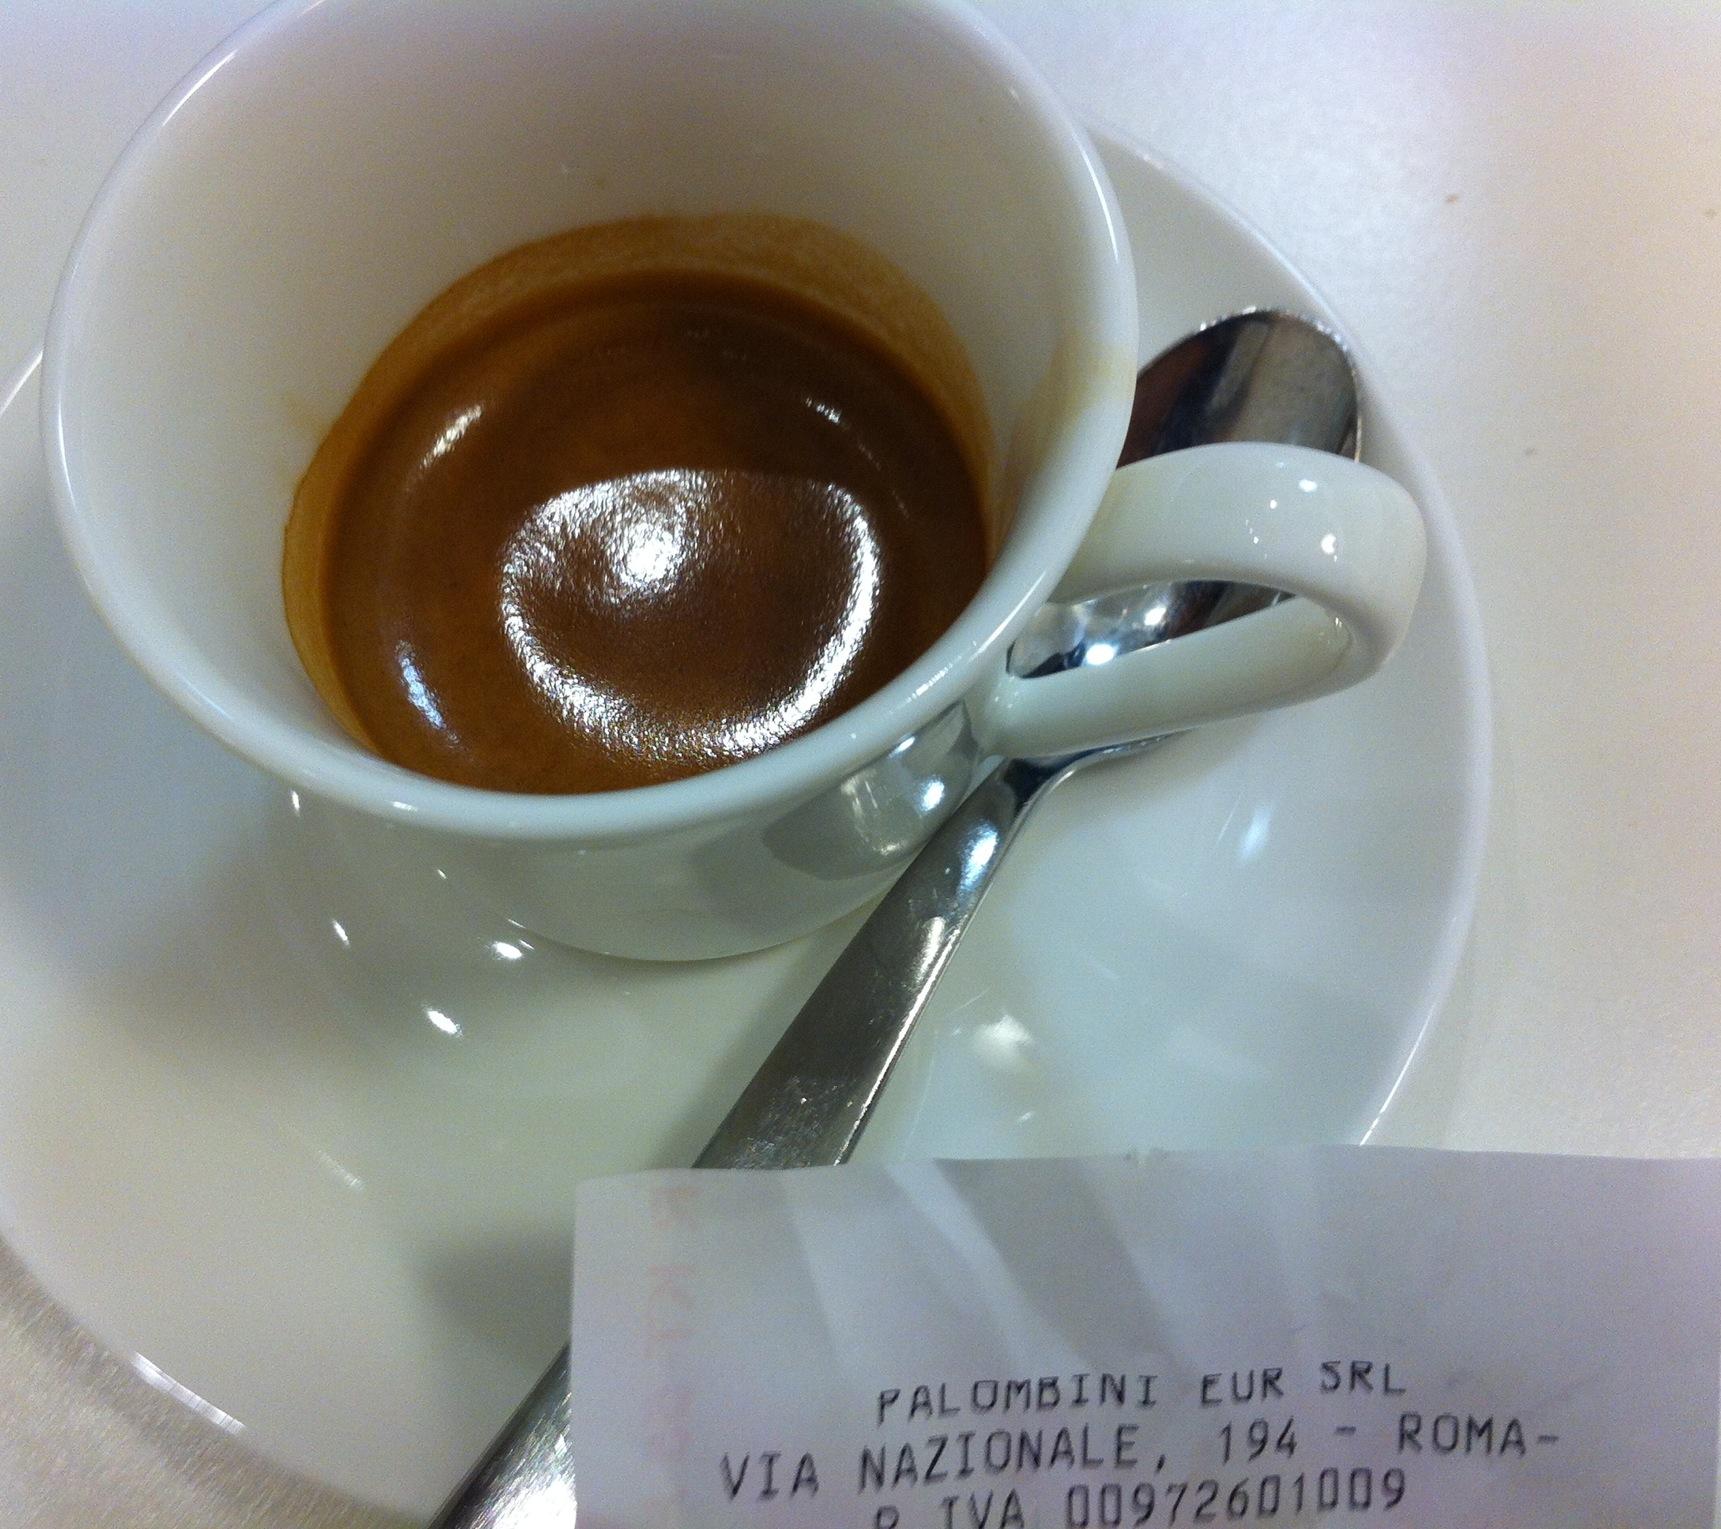 RECENSIONE DEL CAFFÈ PALOMBINI